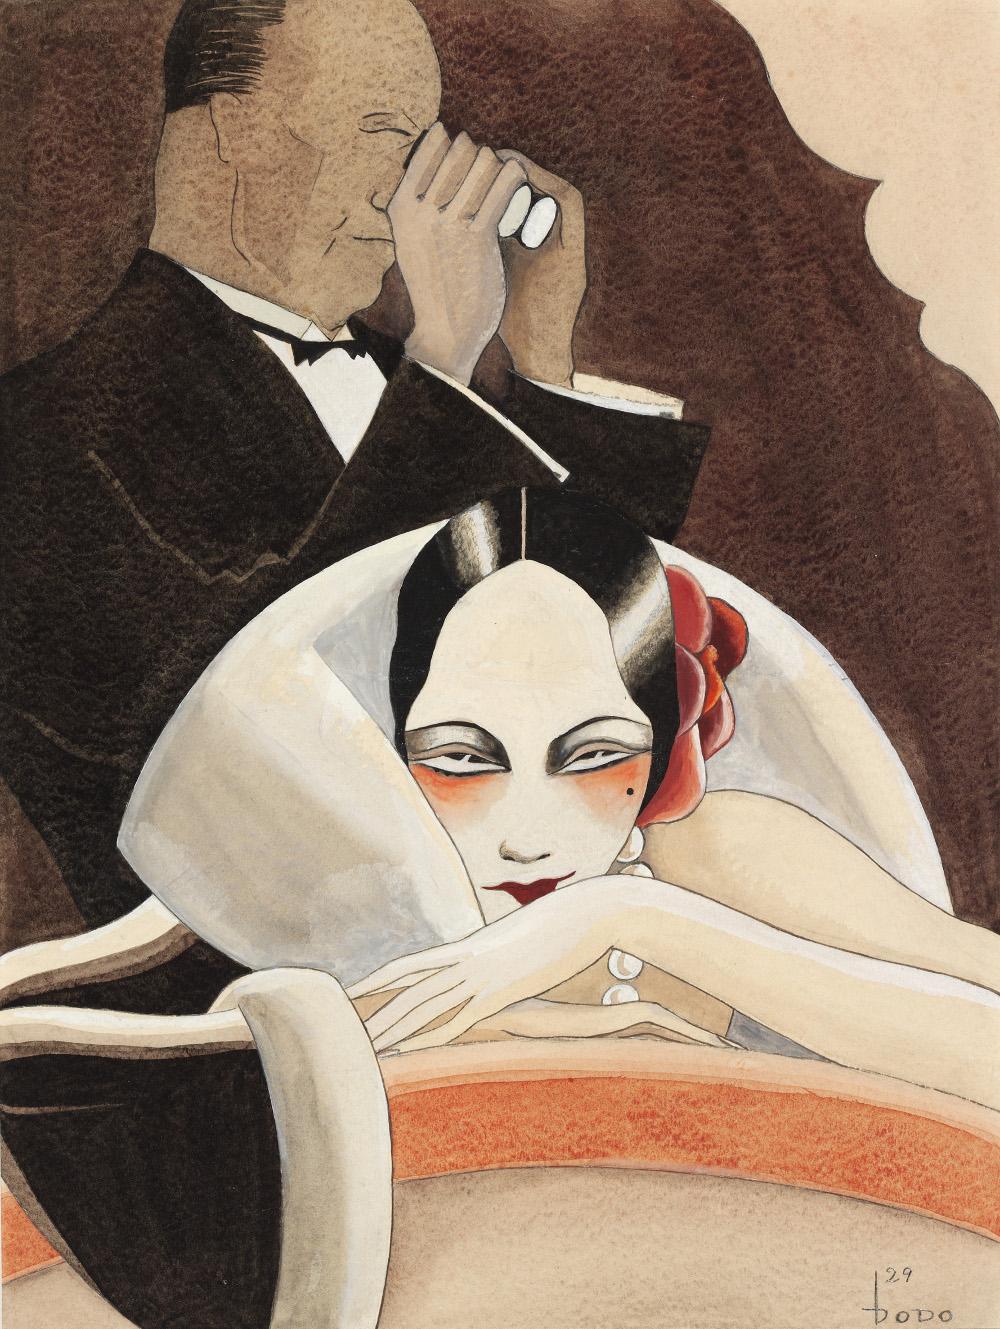 Dodo, Logenlogik, für die Zeitschrift ULK, 1929, Gouache über Bleistift auf Karton, 40 x 30 cm, Krümmer fine art